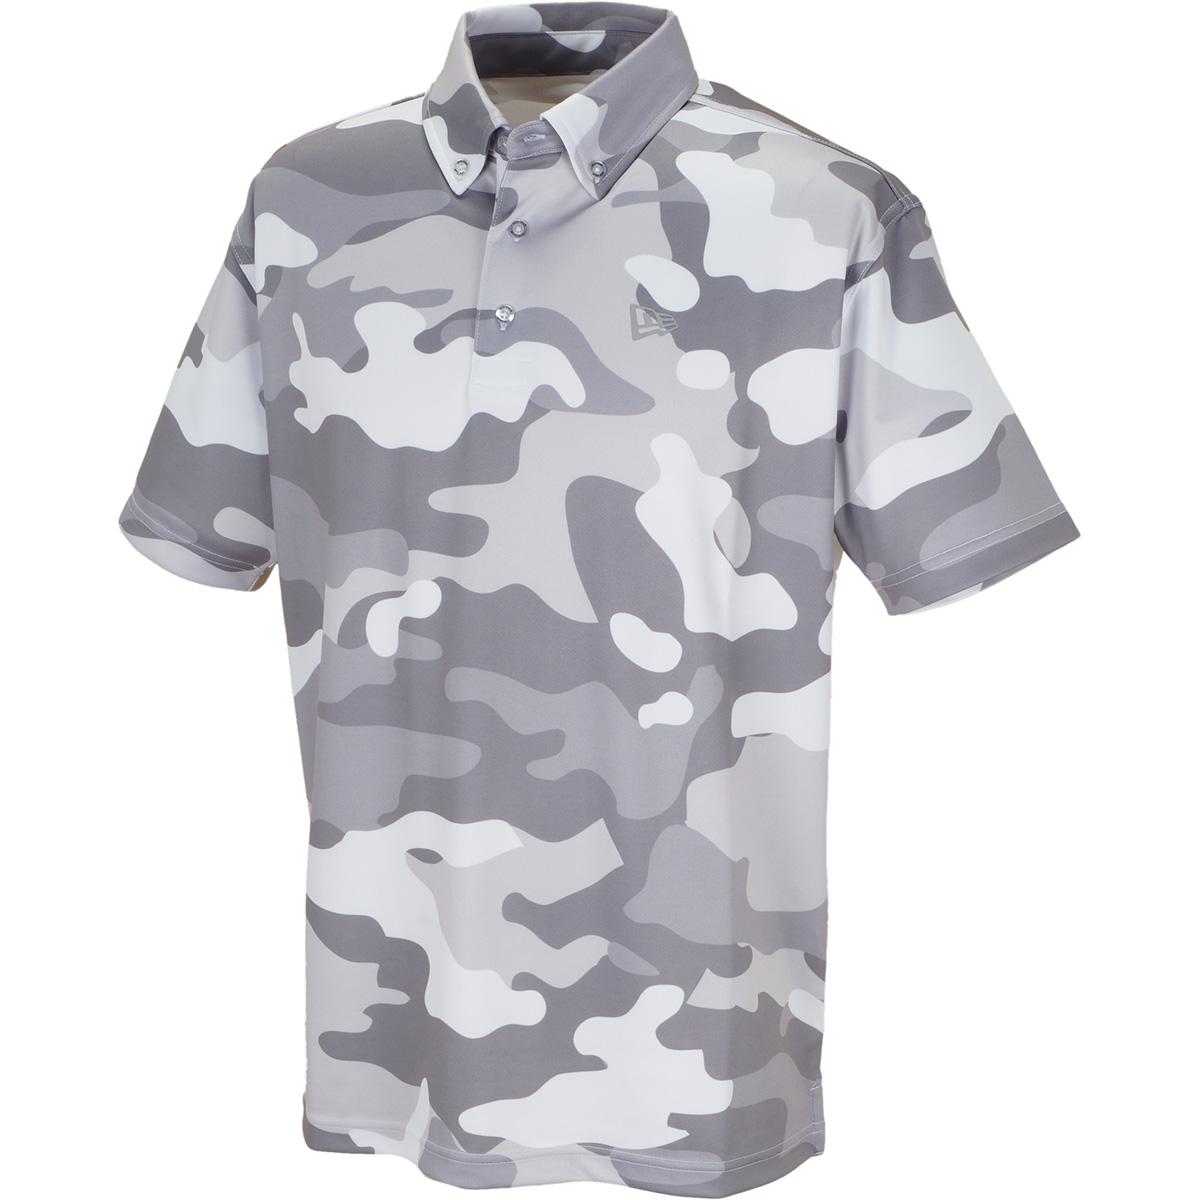 GOLF ボタンダウン半袖ポロシャツ